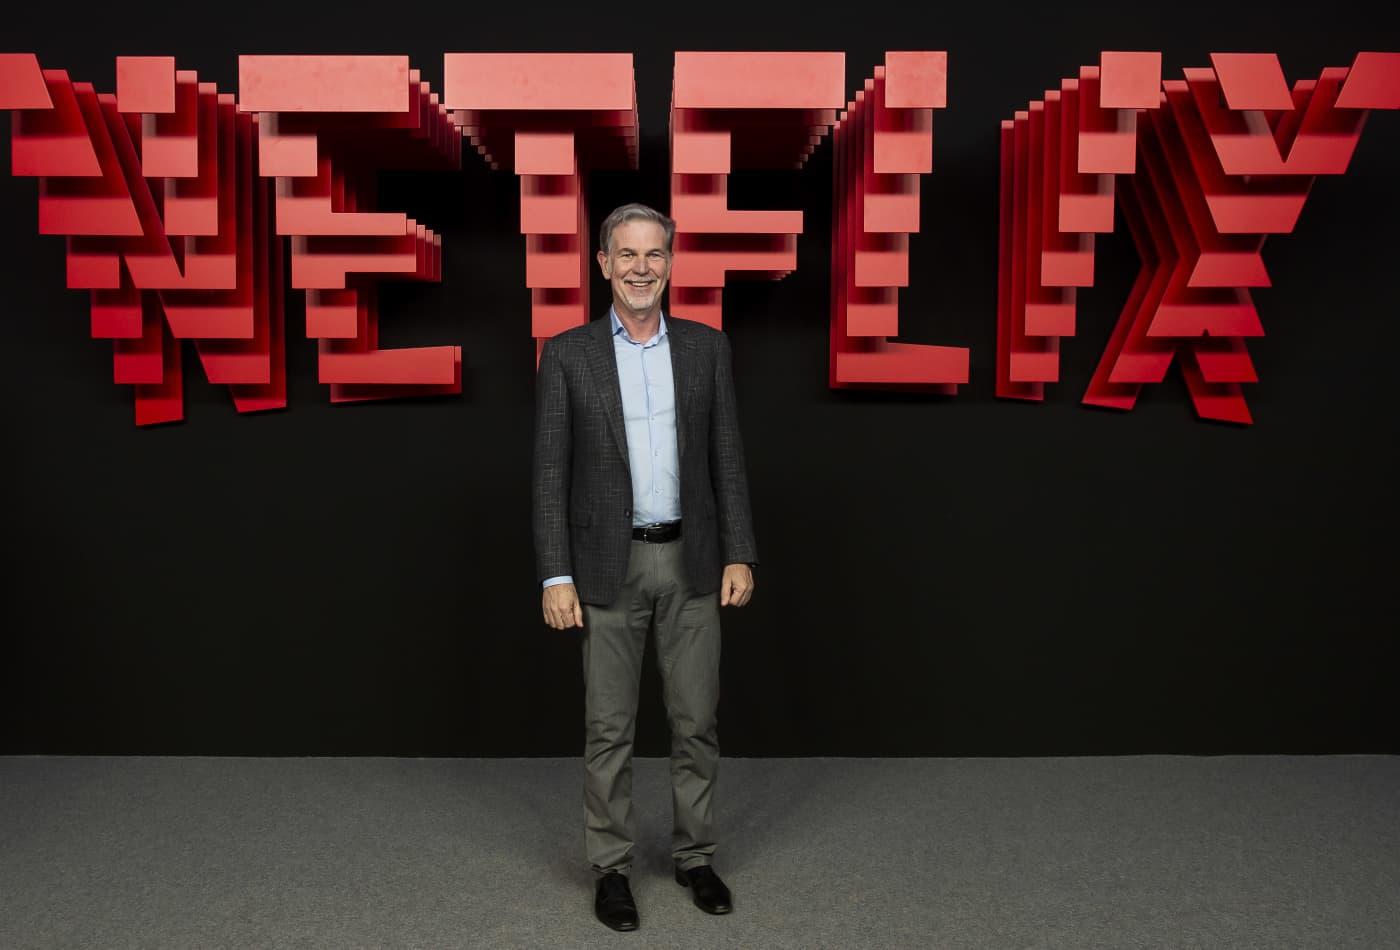 넷플릭스 CEO 리드 헤이스팅스는 2019 년 4 월 4 일 스페인 마드리드에서 열린 Invernadero del Palacio de Cristal de la Arganzuela에서 열린 넷플릭스 프레젠테이션 파티에서 레드 카펫에 참석했습니다.